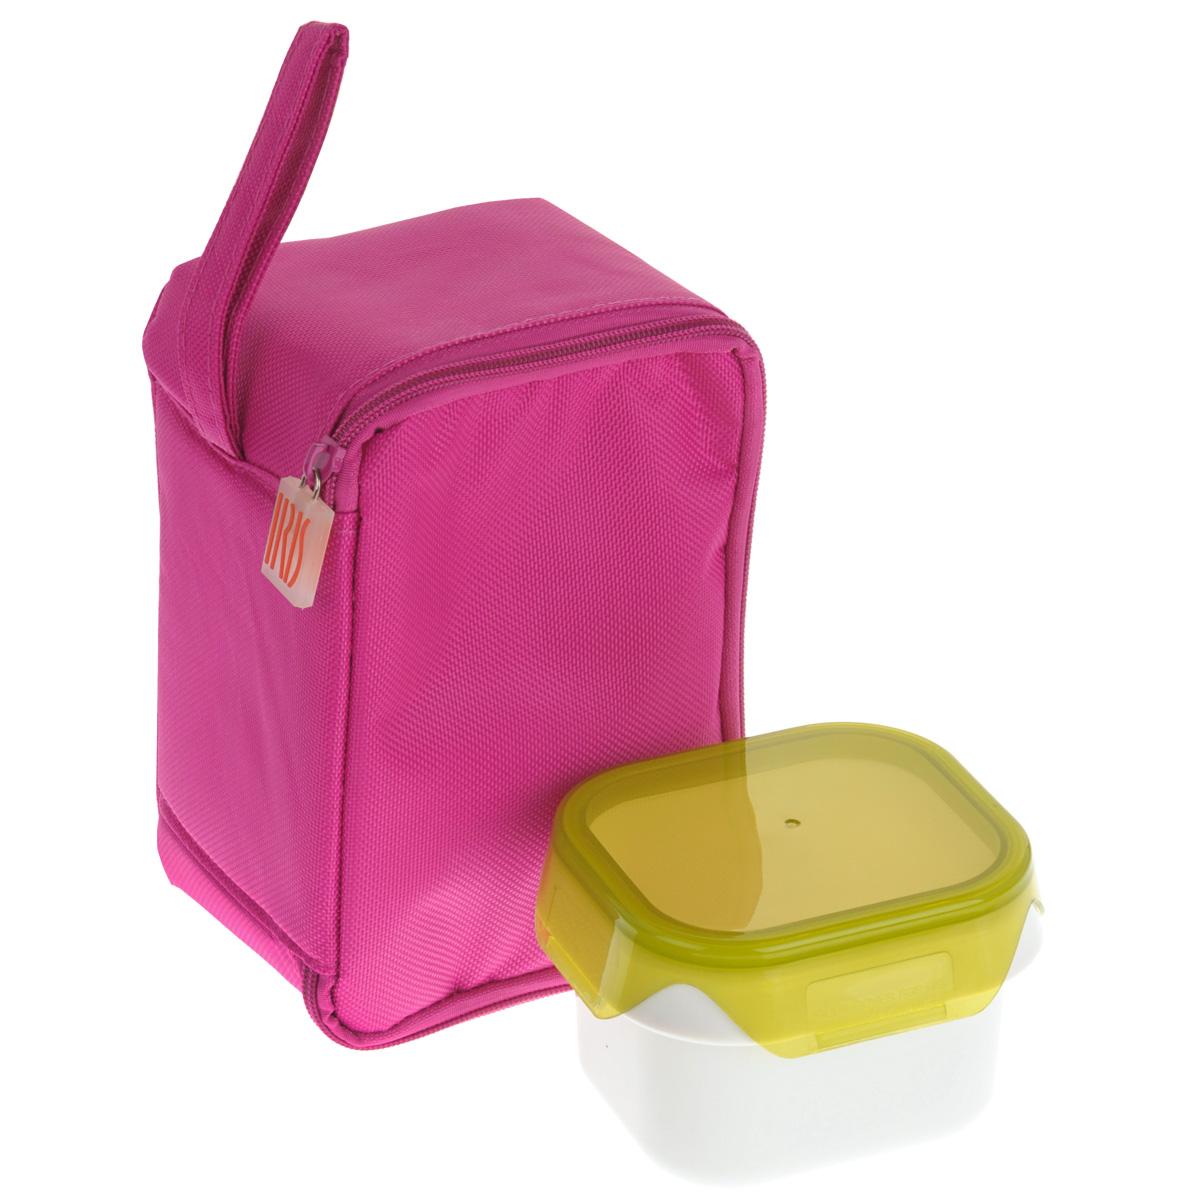 Термоланчбокс Iris Barcelona Baby Lunch, с контейнером, цвет: розовыйVT-1520(SR)Изотермическая сумка-ланчбокс Iris Barcelona Baby Lunch – идеальное решение, чтобы взять с собой обед для вашего ребенка. Ее можно взять с собой куда угодно: на учебу,на прогулку или в путешествие. В течение нескольких часов ланчбокс сохранит еду свежей и вкусной. Есть ручка для переноски в одной руке. В комплект входит 1 герметичный контейнер 0,45 л с прозрачной крышкой. Он подходит для использования в морозильнике, микроволновой печи. Можно мыть в посудомоечной машине. Также в ланчбоксе предусмотрено место для йогурта, крекеров или фруктов. Не содержит Бисфенола А. Объем контейнера: 450 мл.